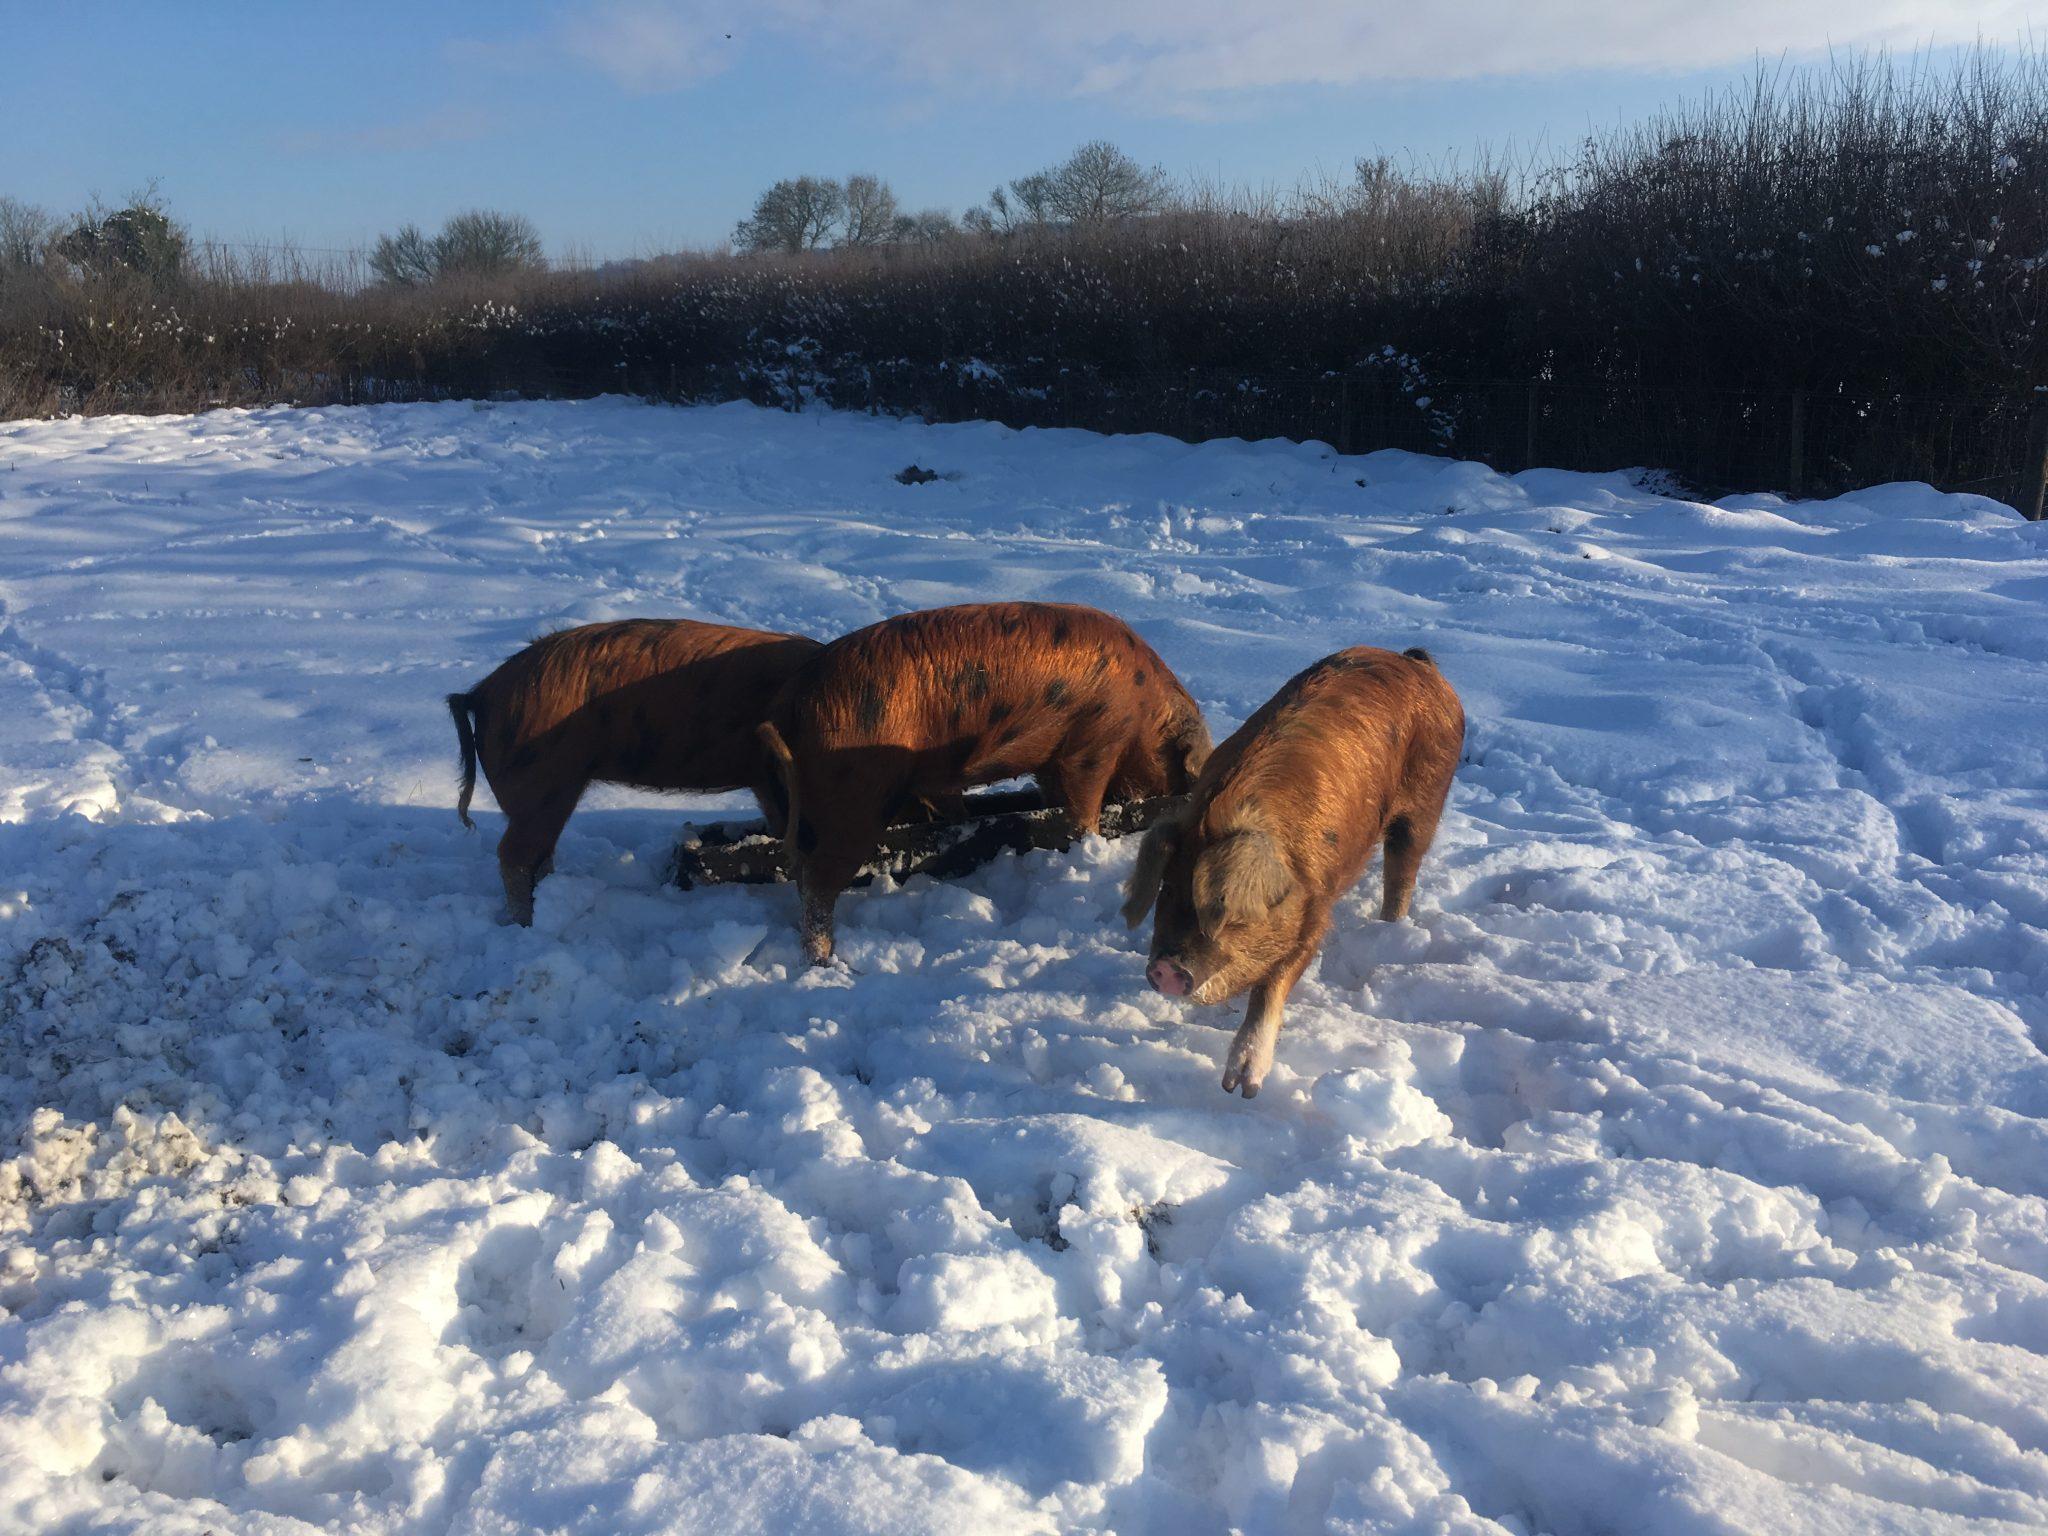 snowy osbs